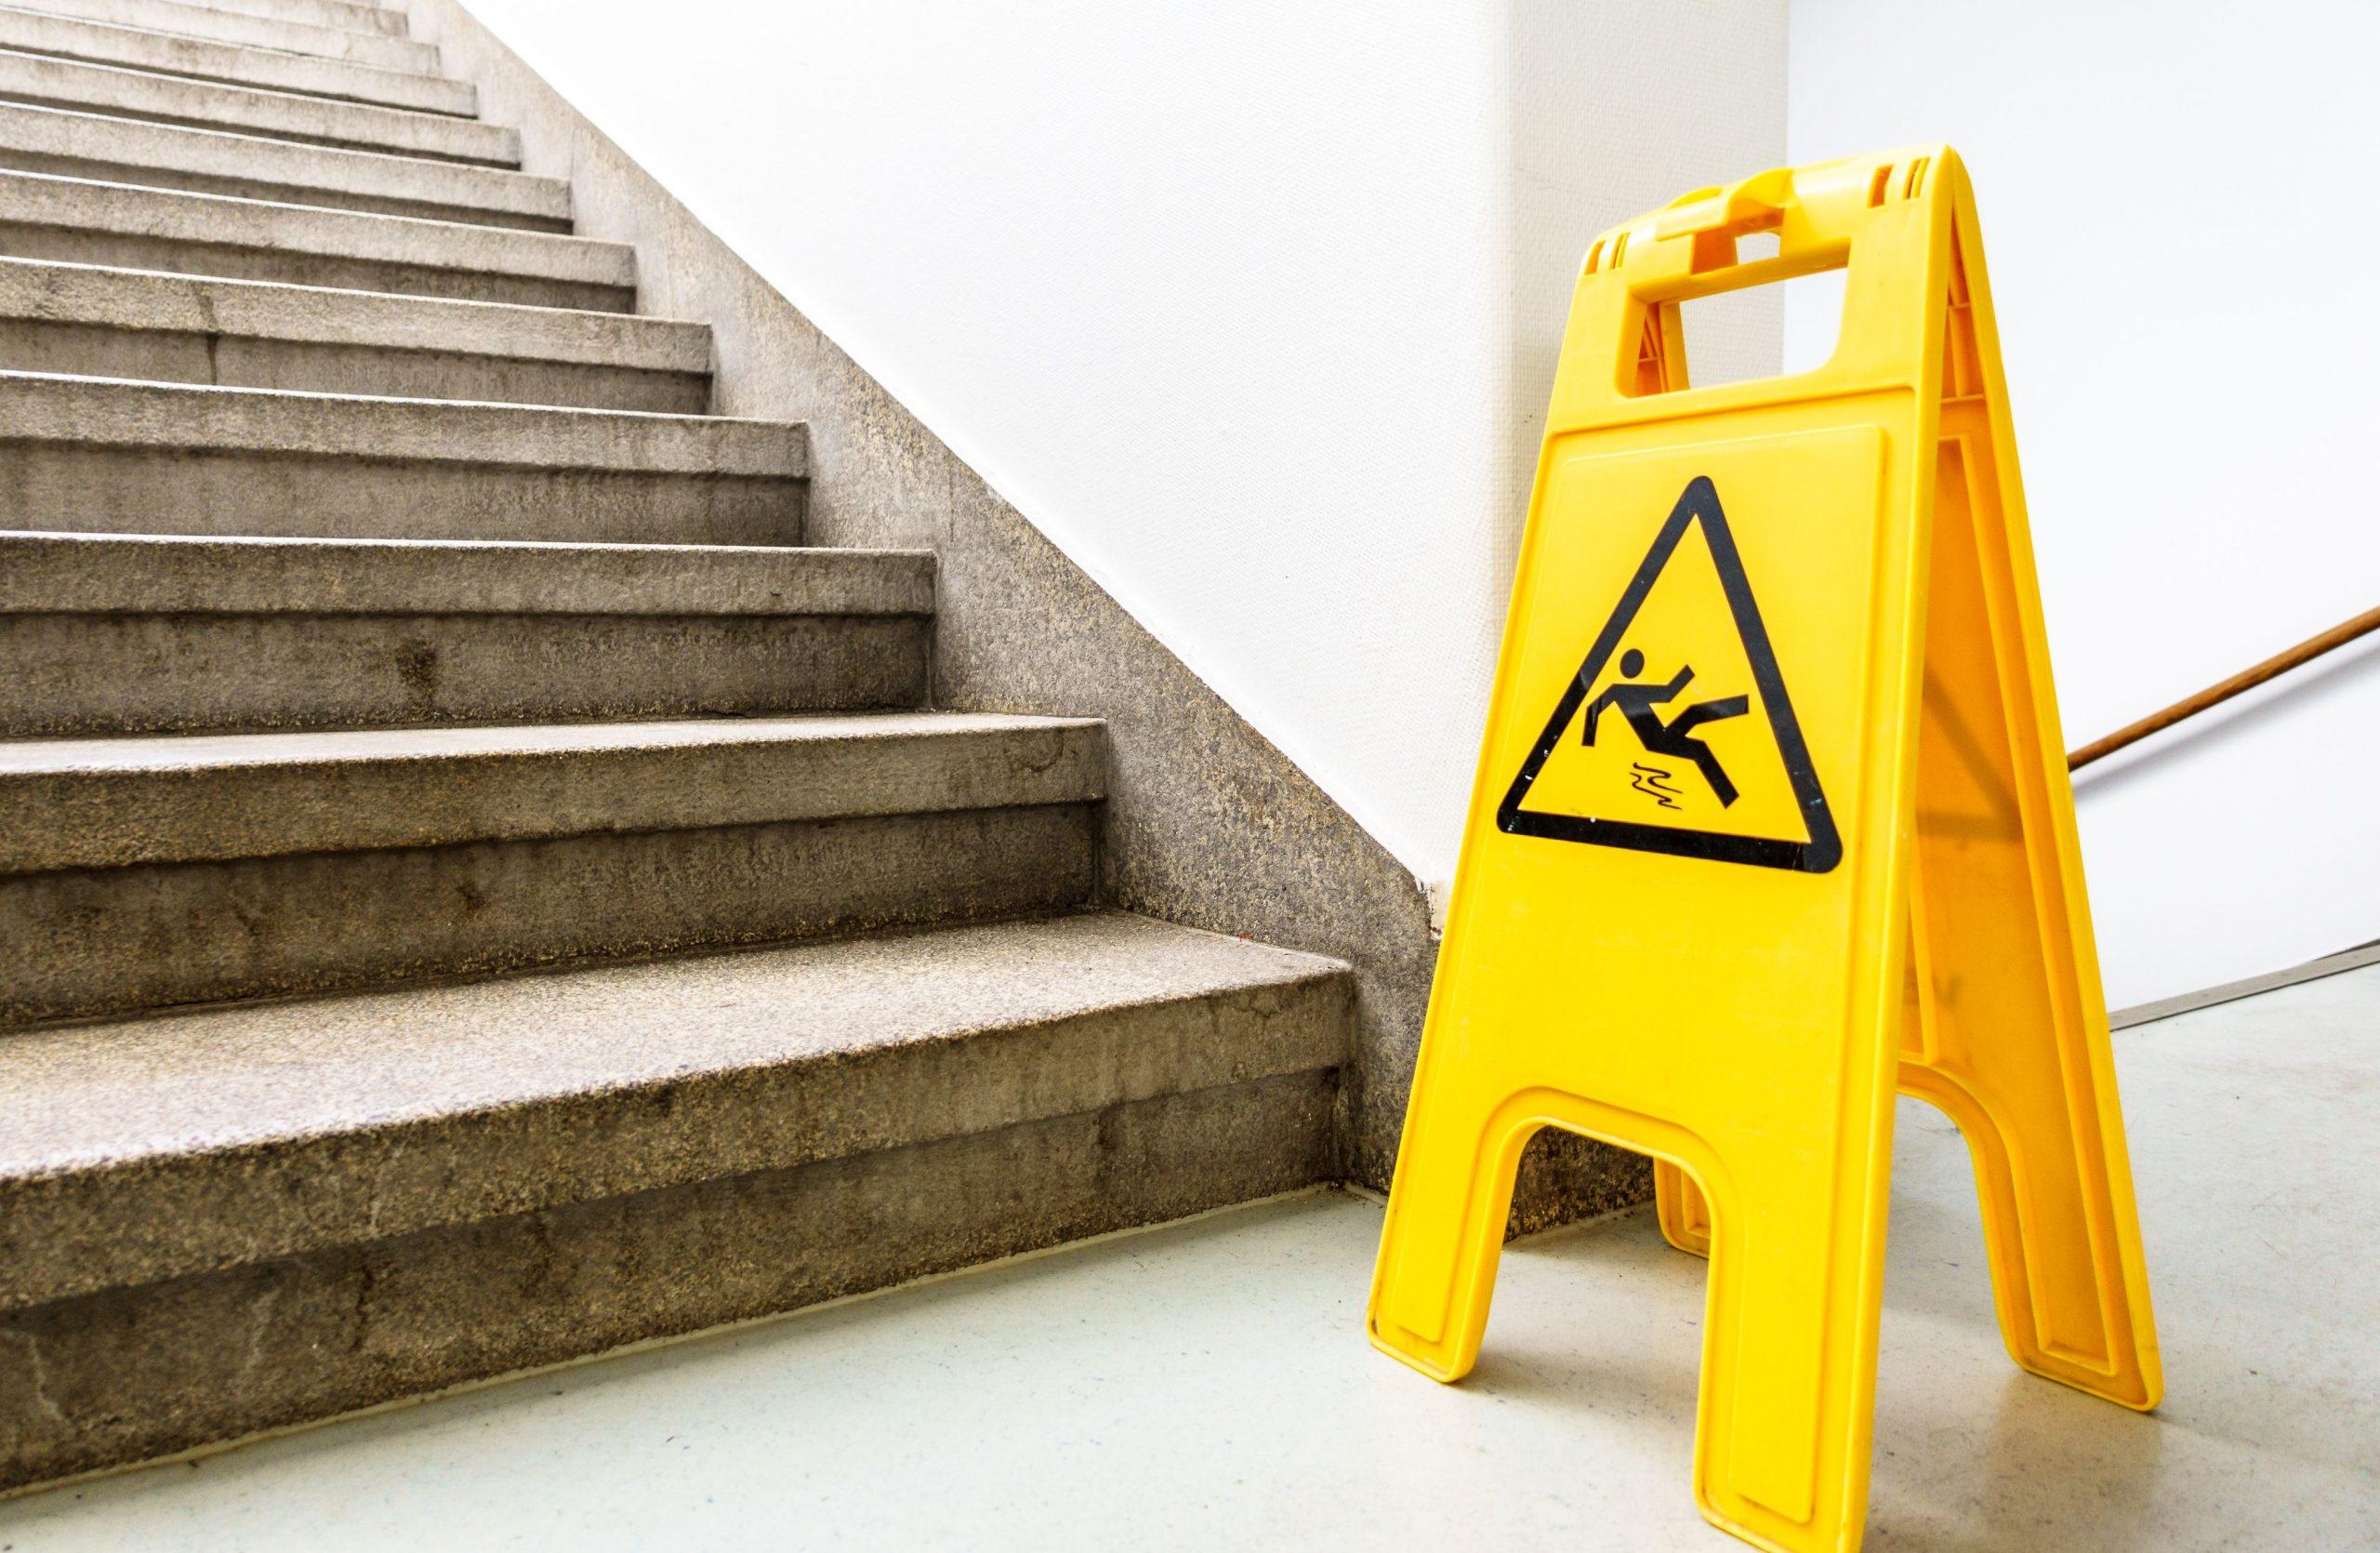 ¿Cómo hacer la limpieza de escaleras?